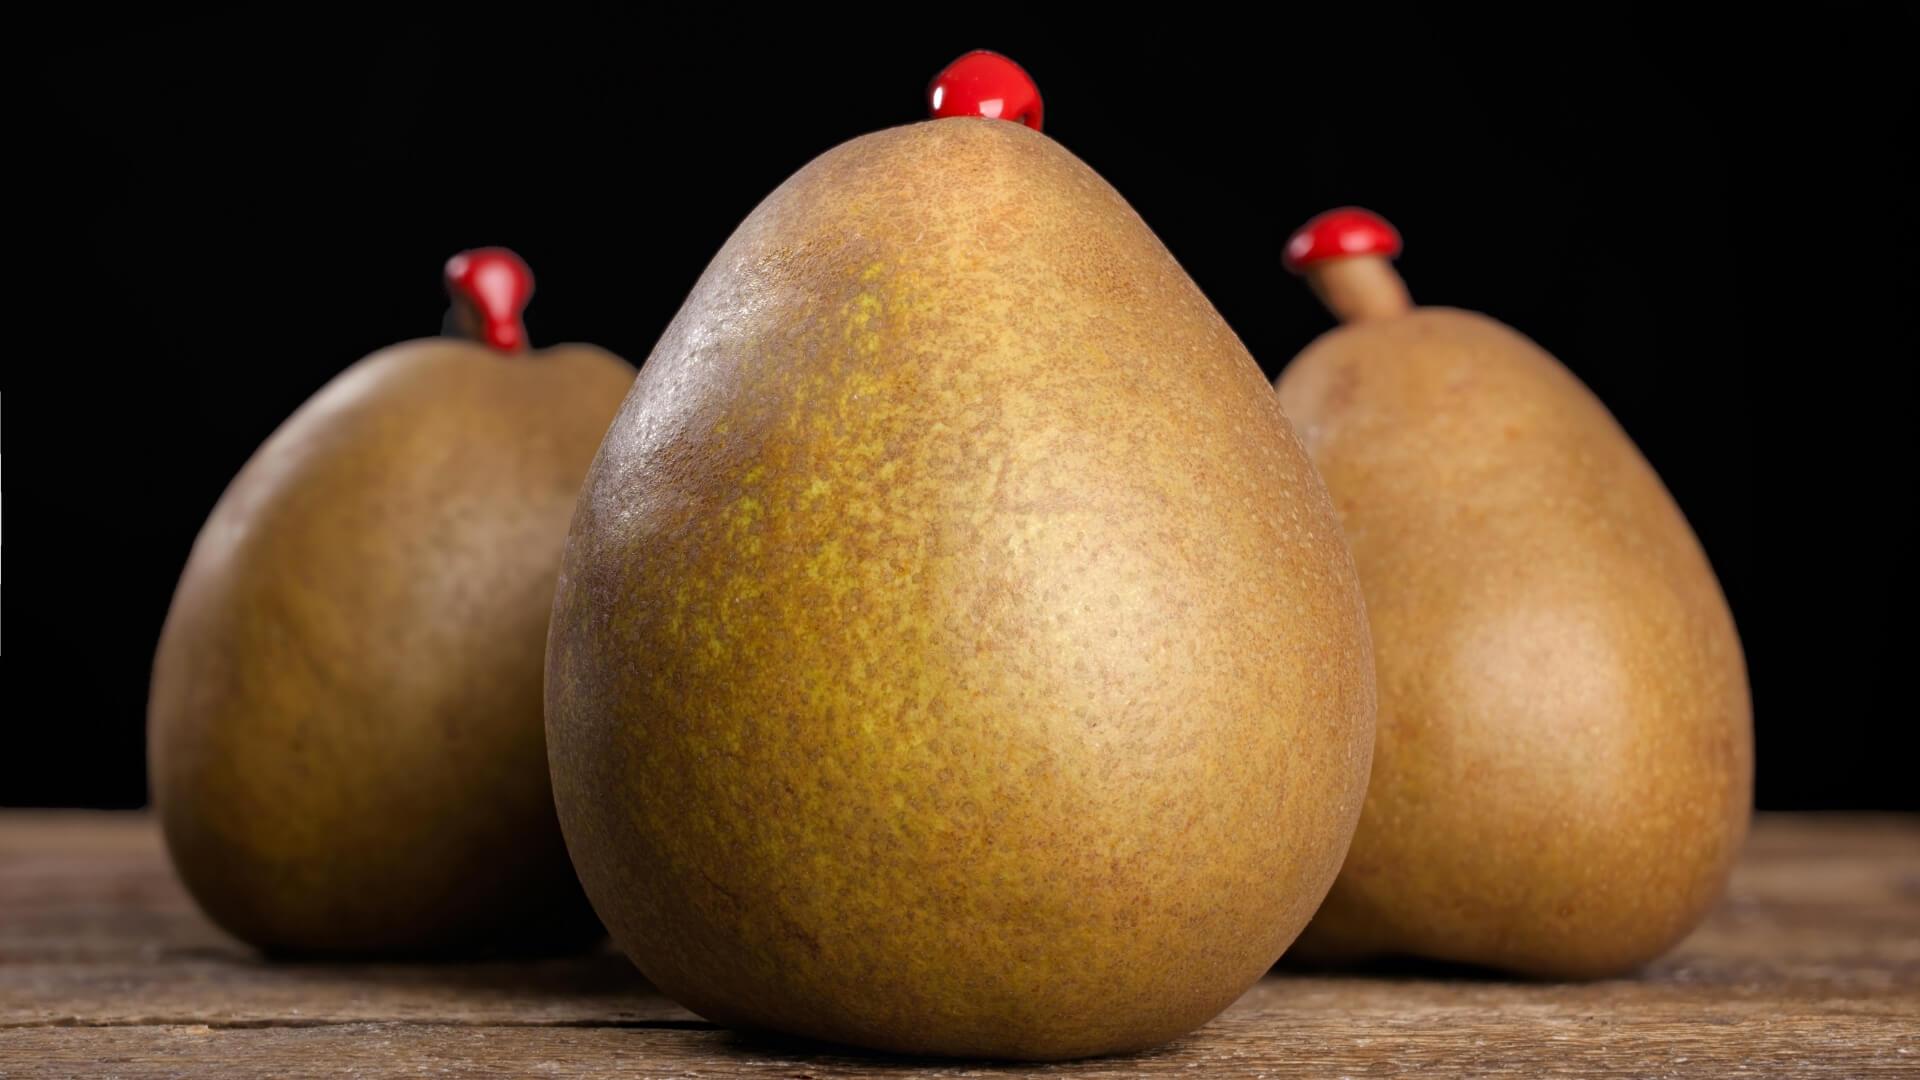 Picciolo della pera con ceralacca: motivo e origine